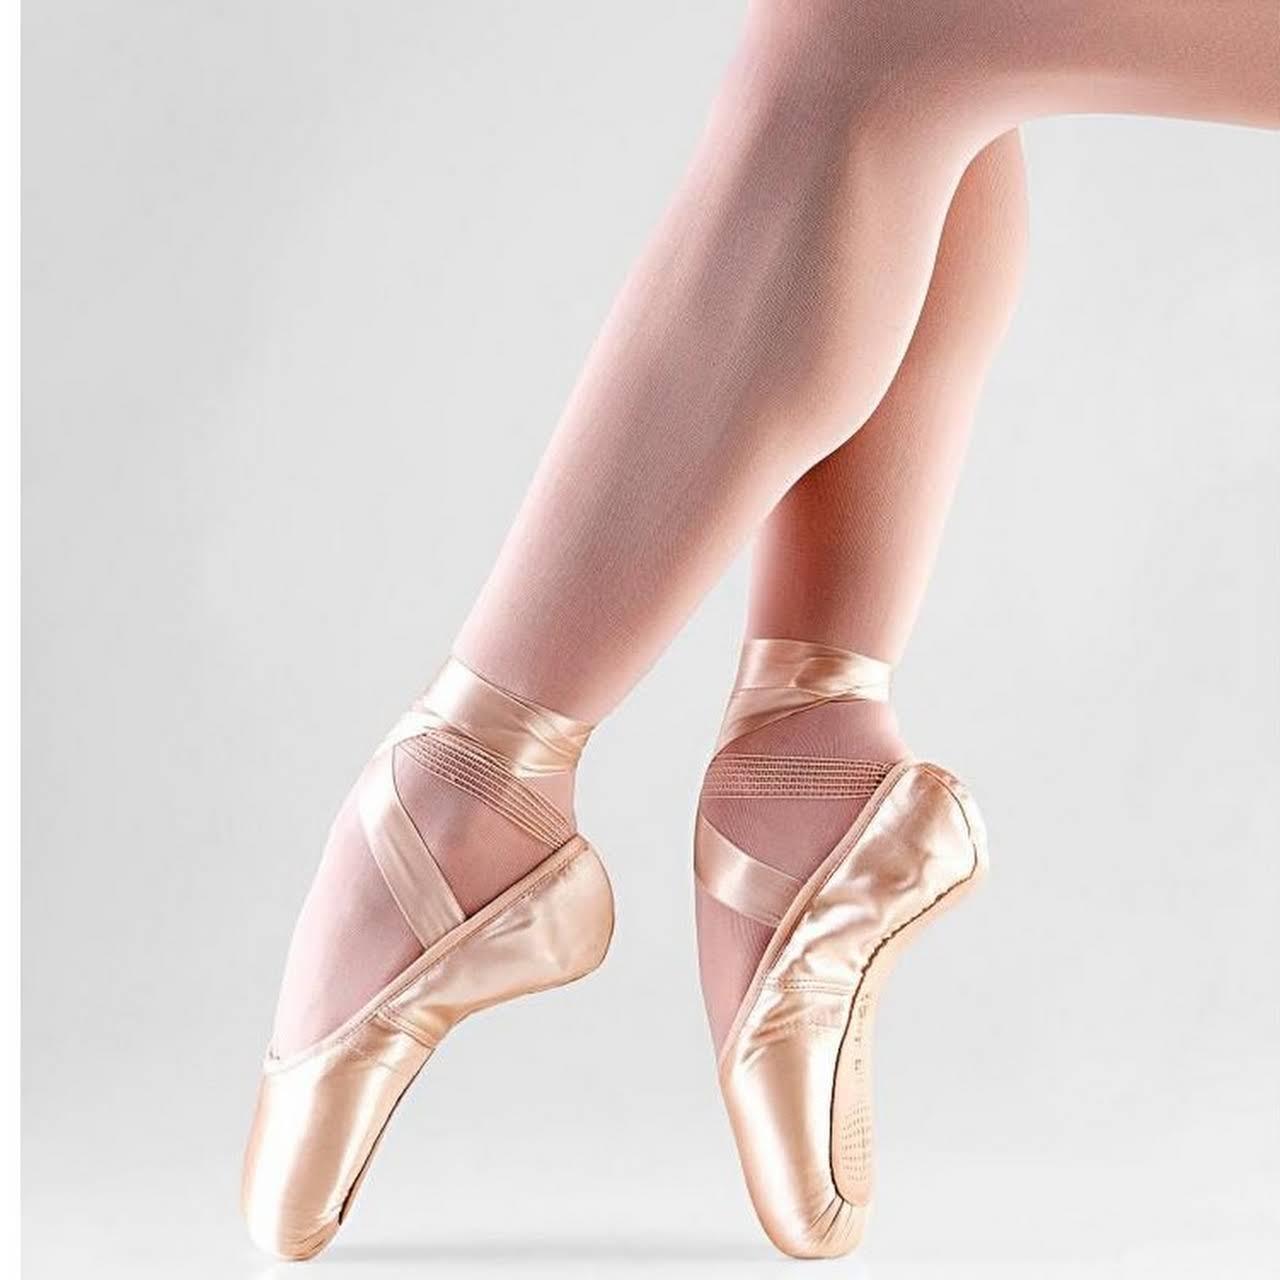 73bf1341129ac8 Maria Ballerina - Artigos para dança